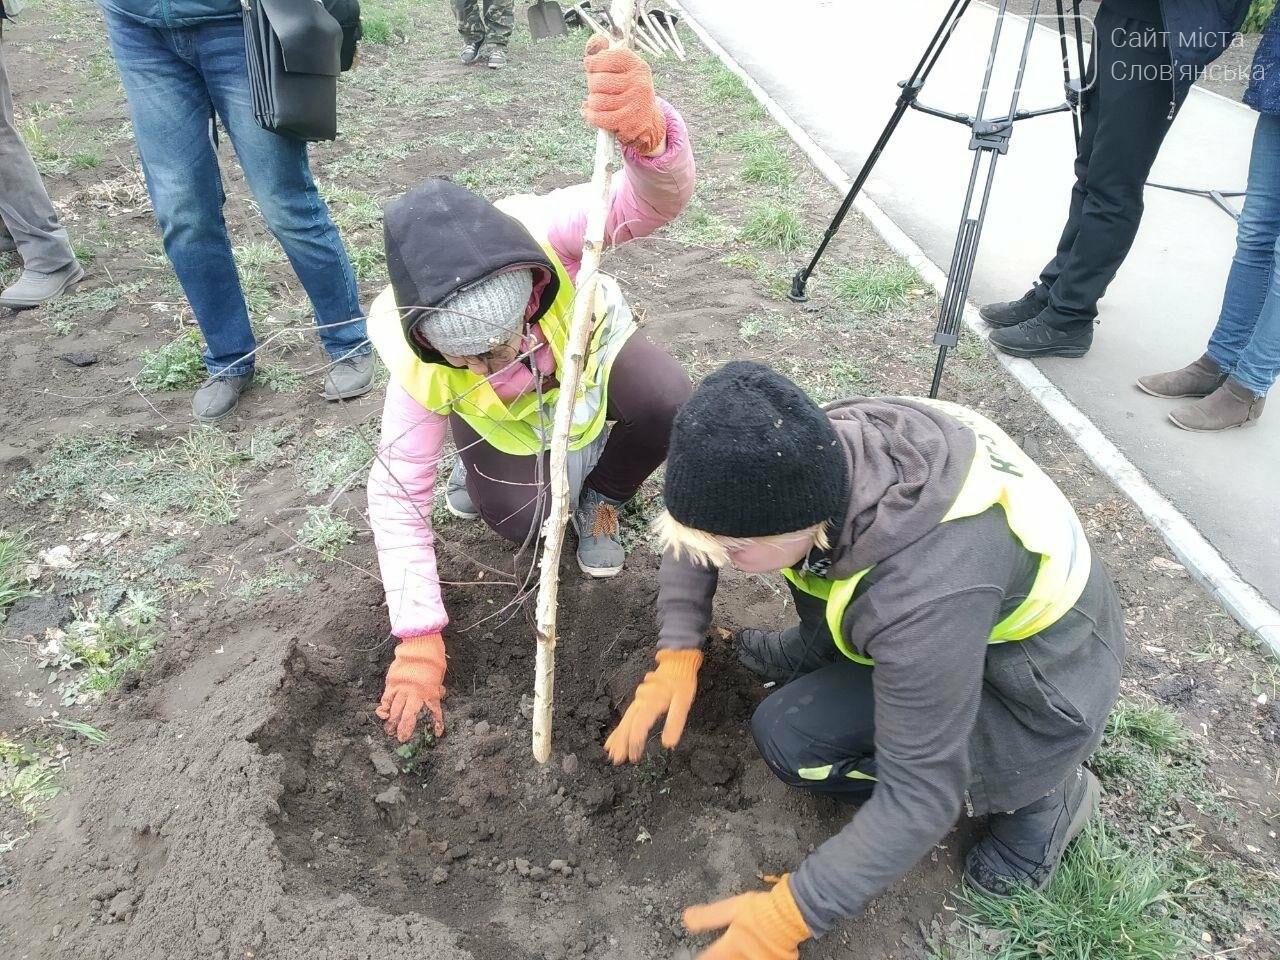 Сьогодні у Слов'янську садять дерева, фото-3